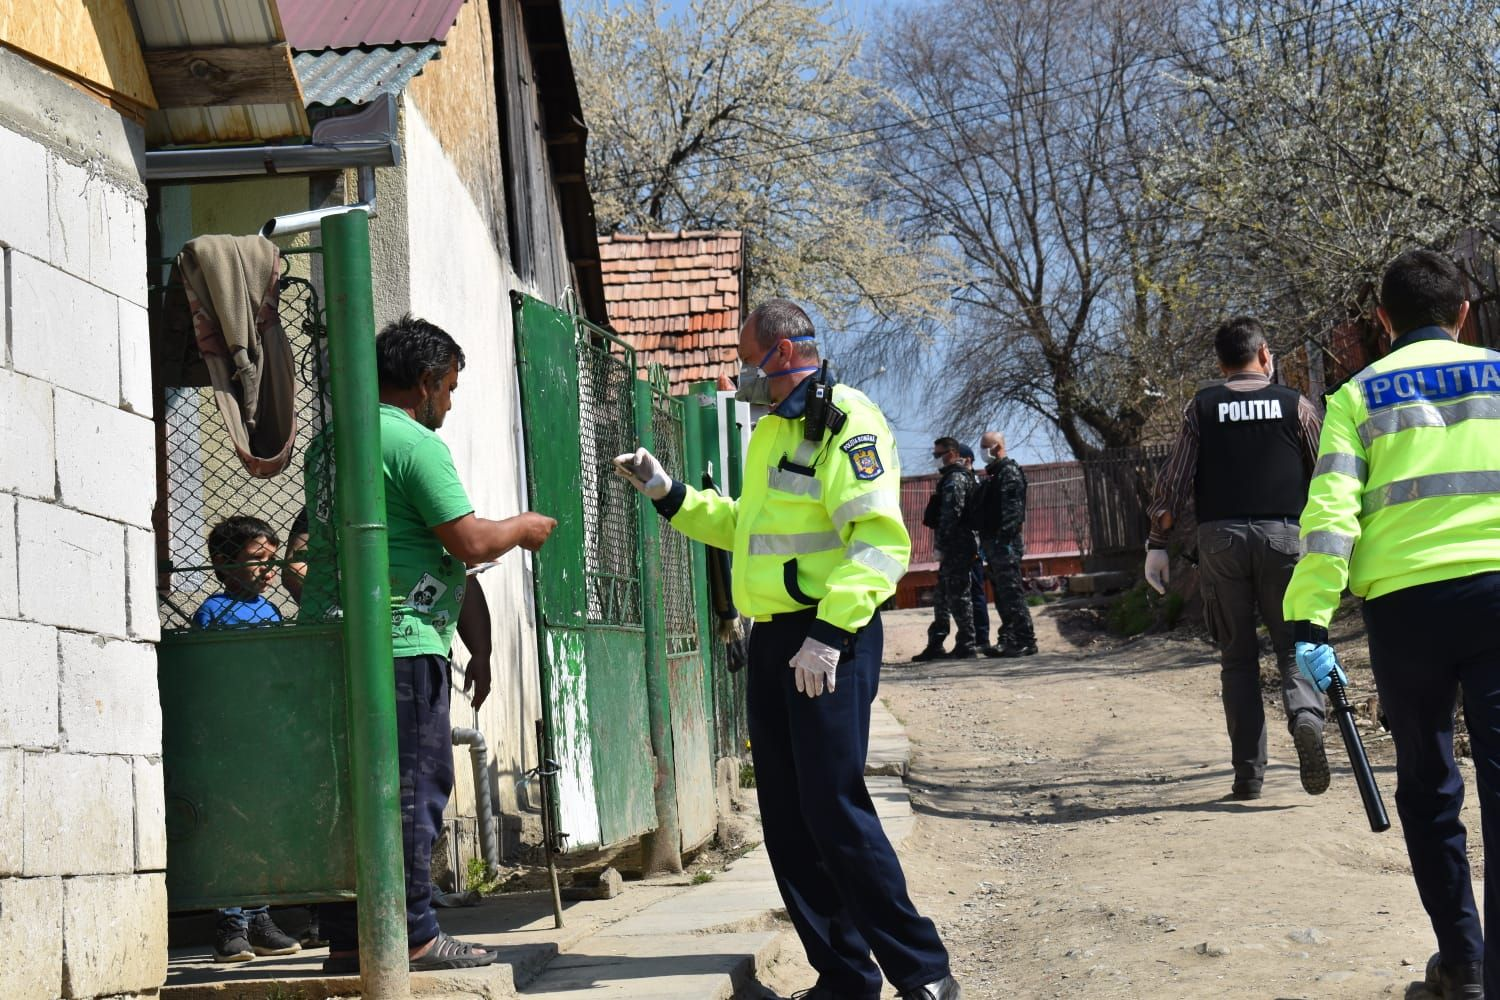 Roma családokat igazoltat a rendőrség | Forrás: Agerpres